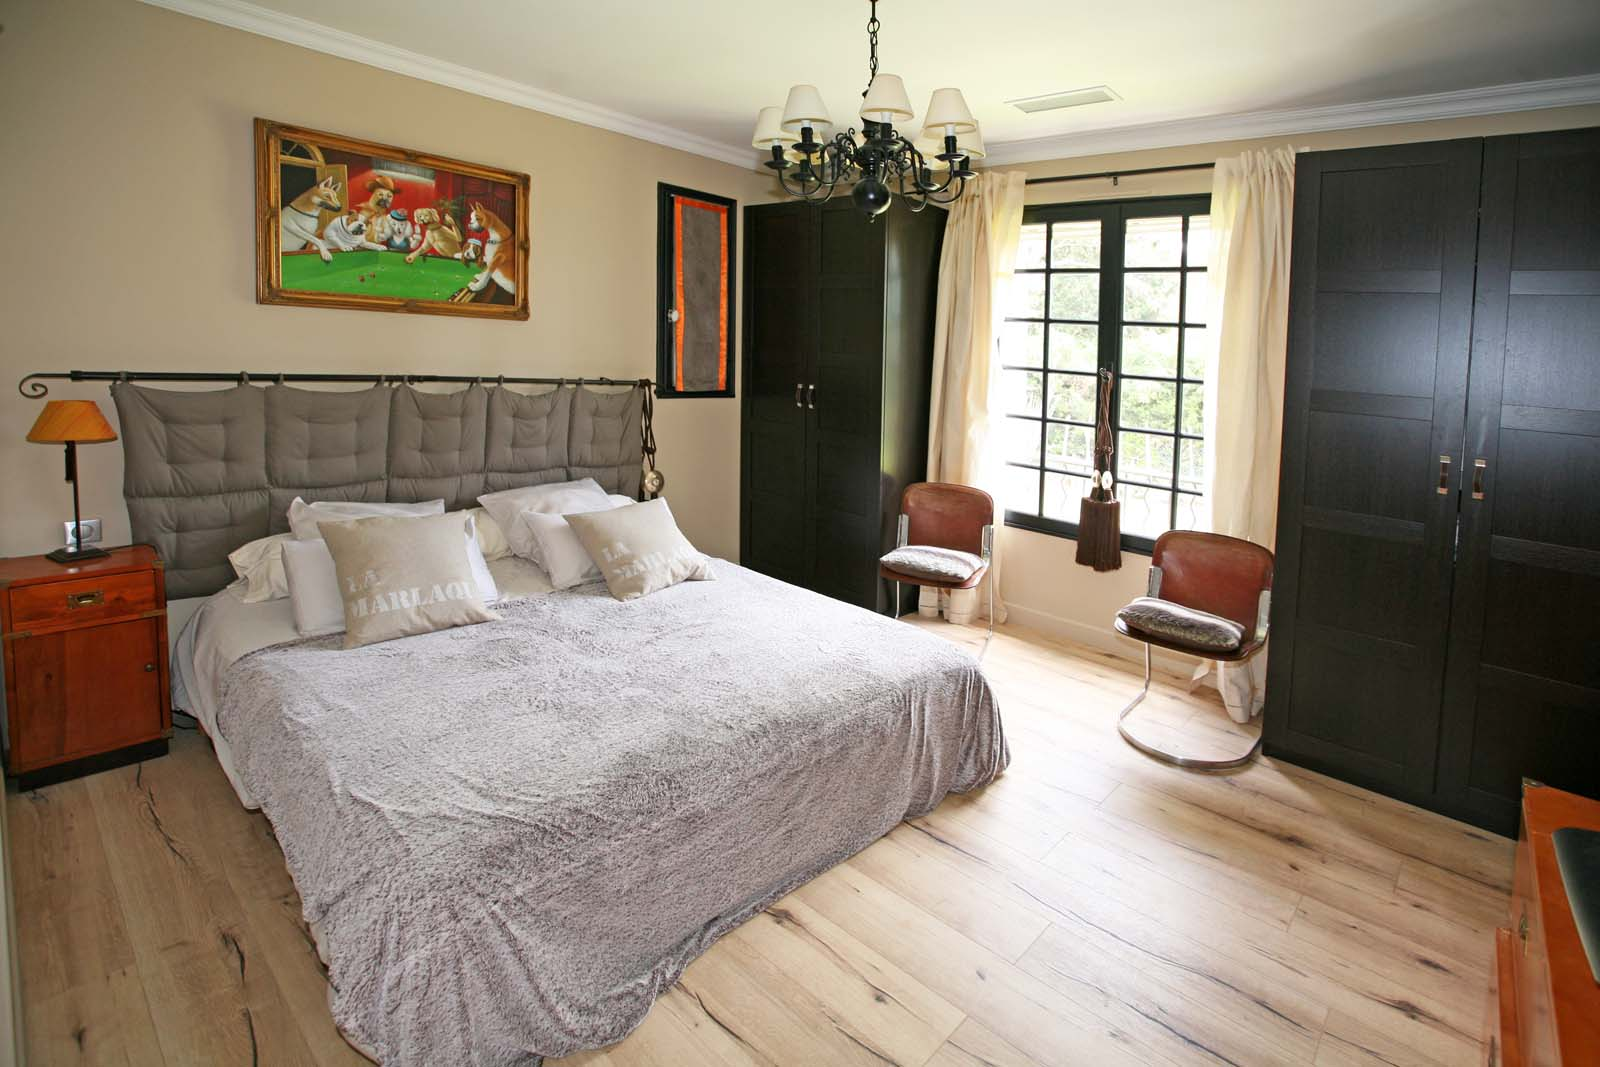 Une des chambres de cette maison en vente dans le Comtat Venaissin